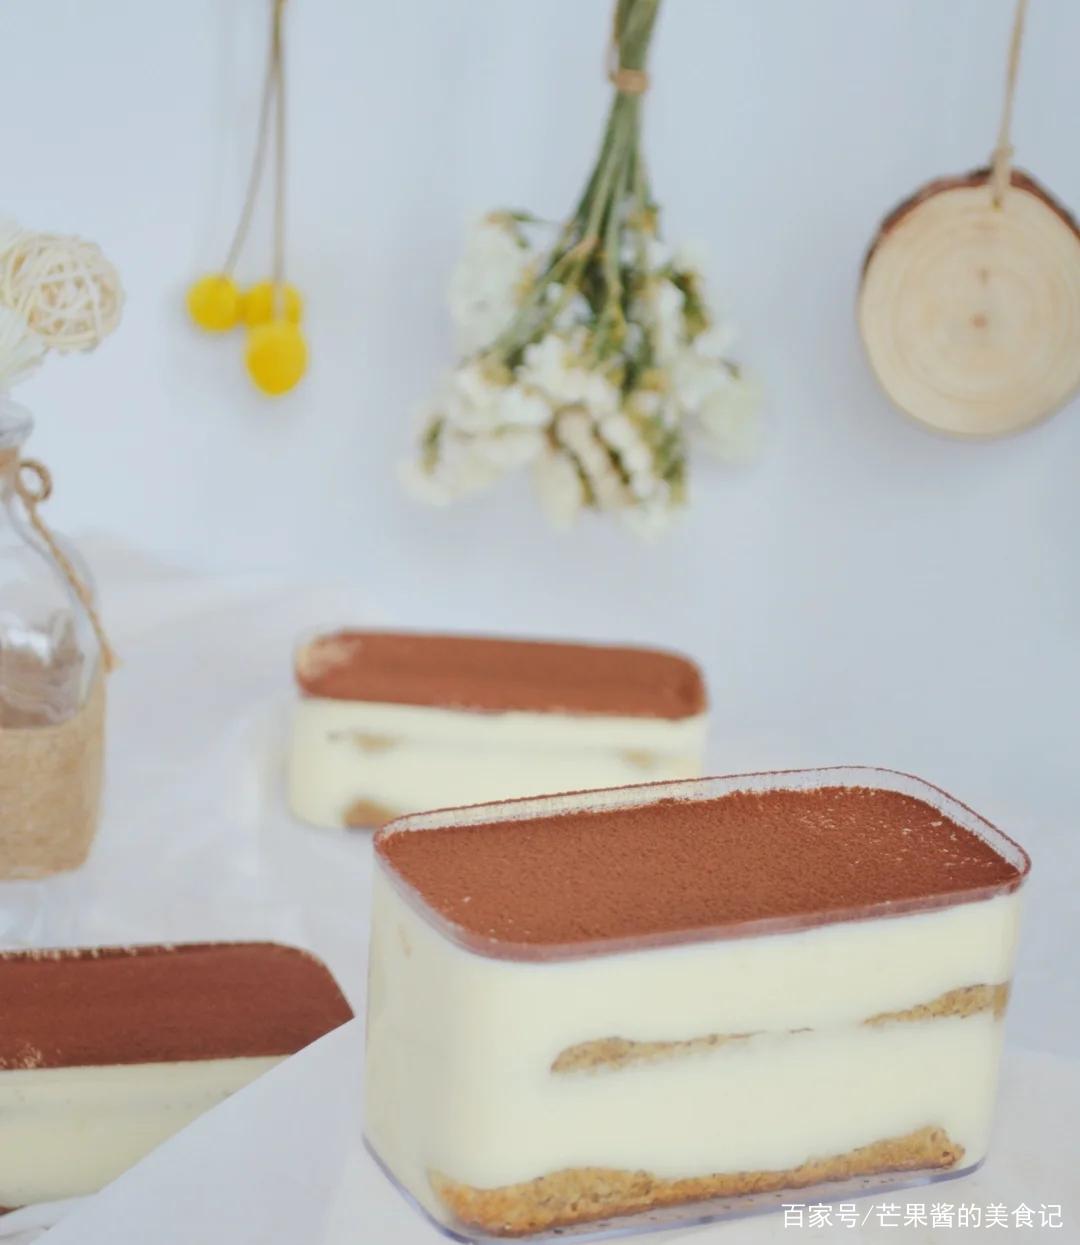 不用烤箱就能做出来的经典甜品,提拉米苏!香甜顺滑!甜而不腻!